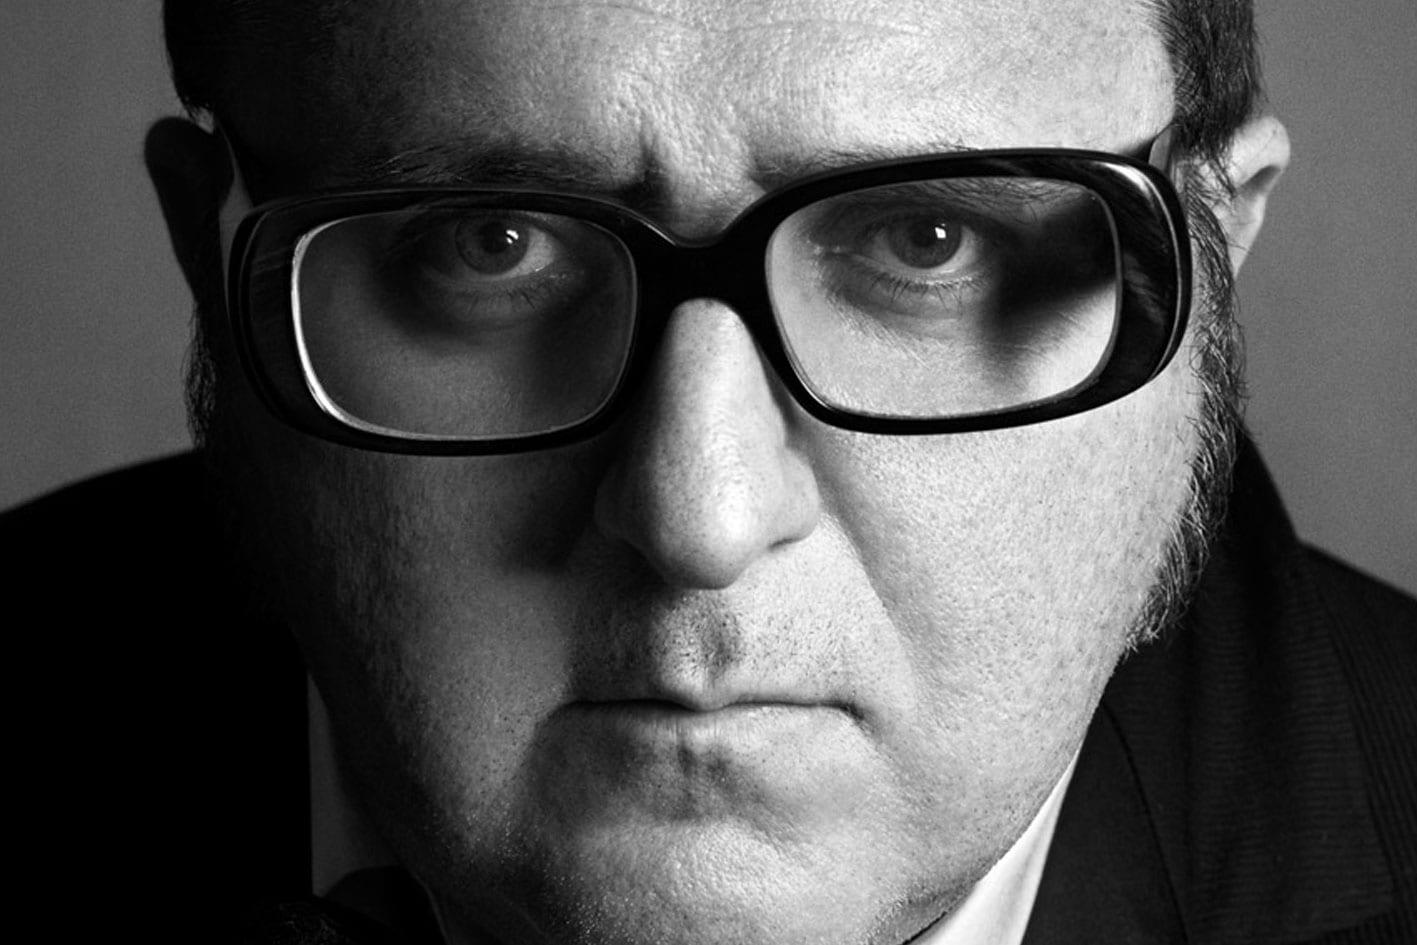 Death at 59 of the designer Alber Elbaz - Luxus Plus